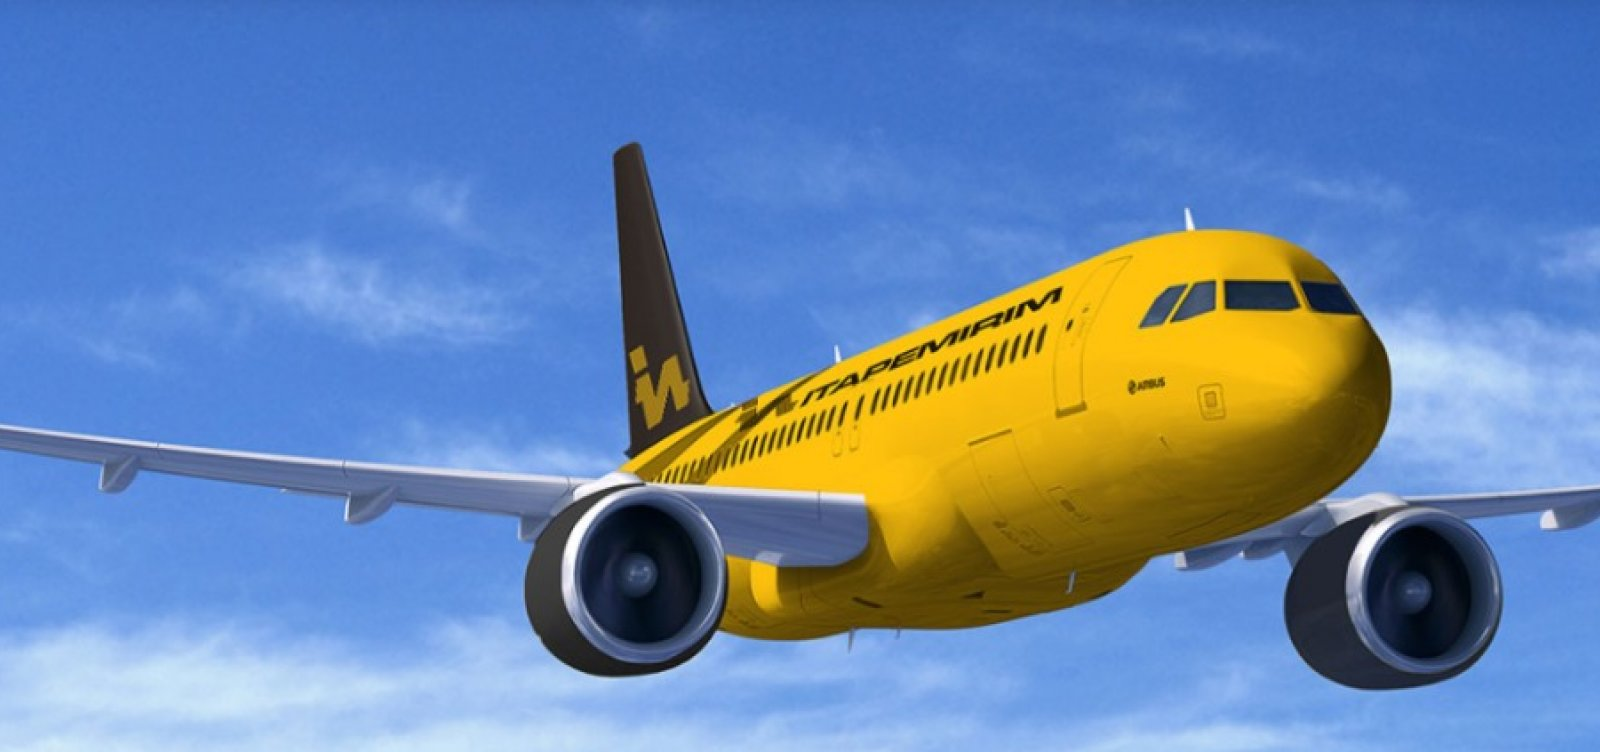 Nova companhia aérea terá voos semanais entre Bahia e São Paulo